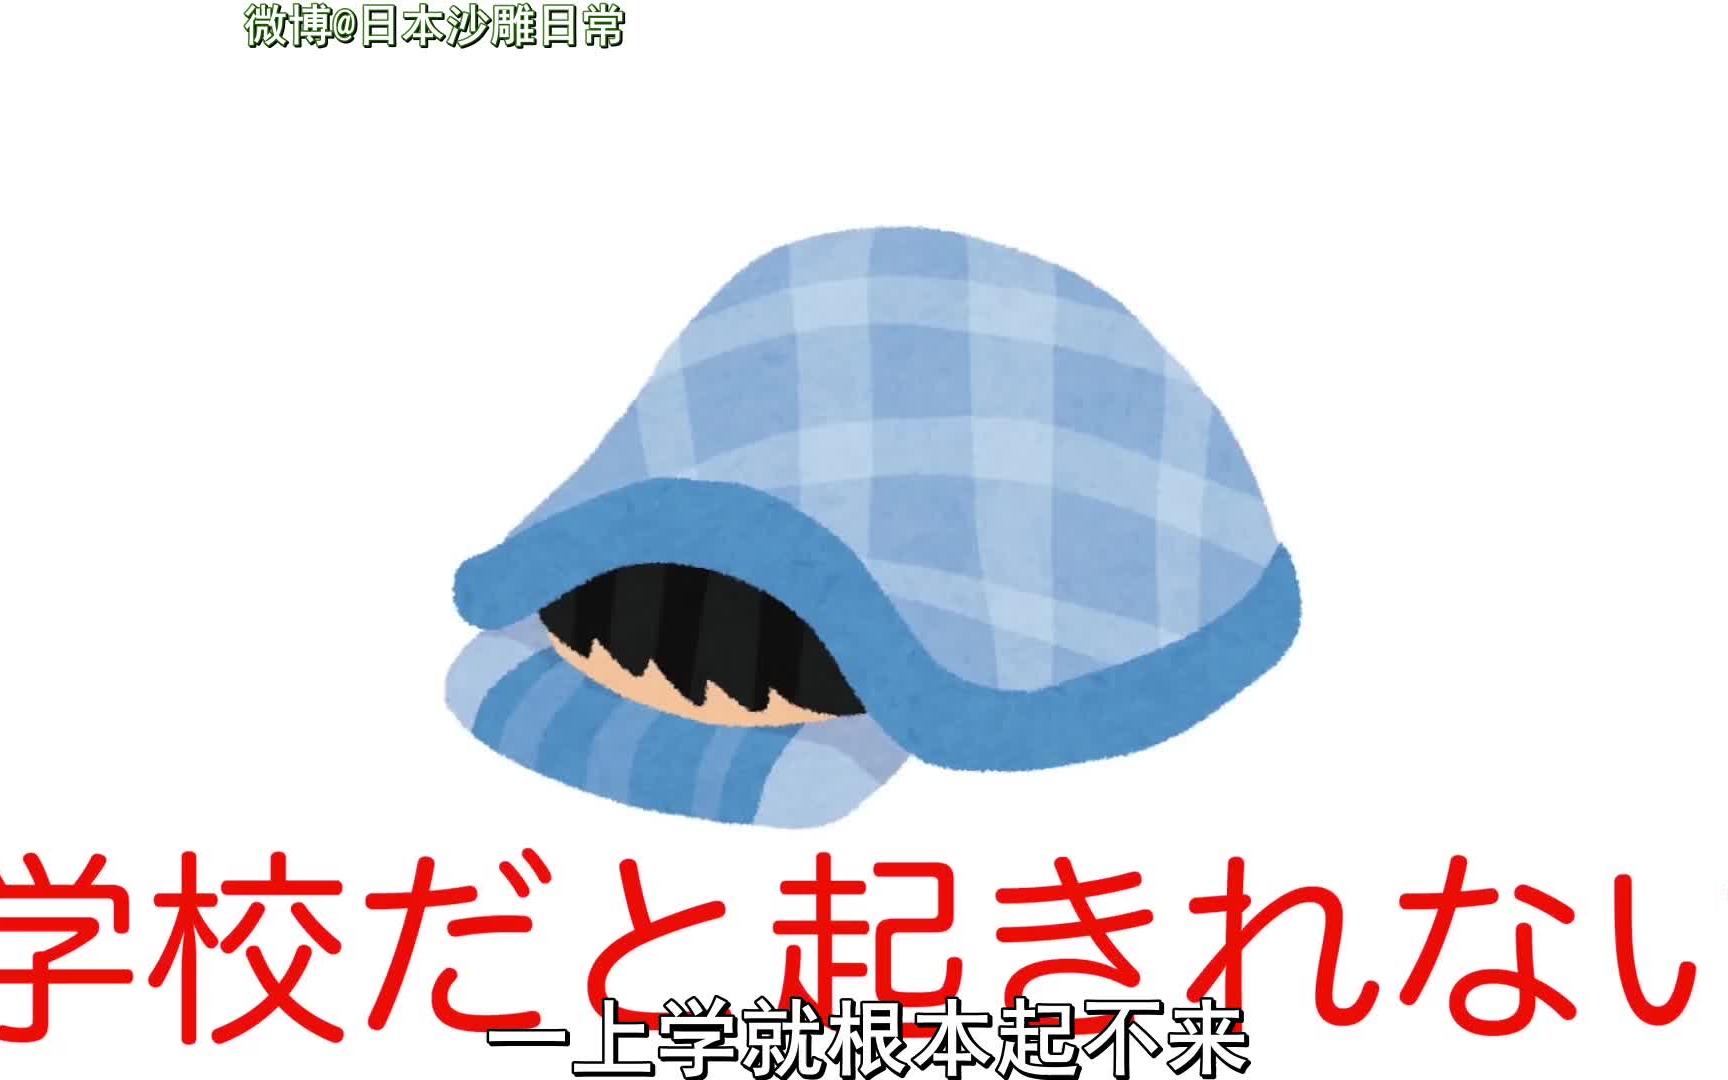 日本网友脑洞翻唱米津玄师的「红辣椒」,过于真实,上学迟到过的人一定懂!